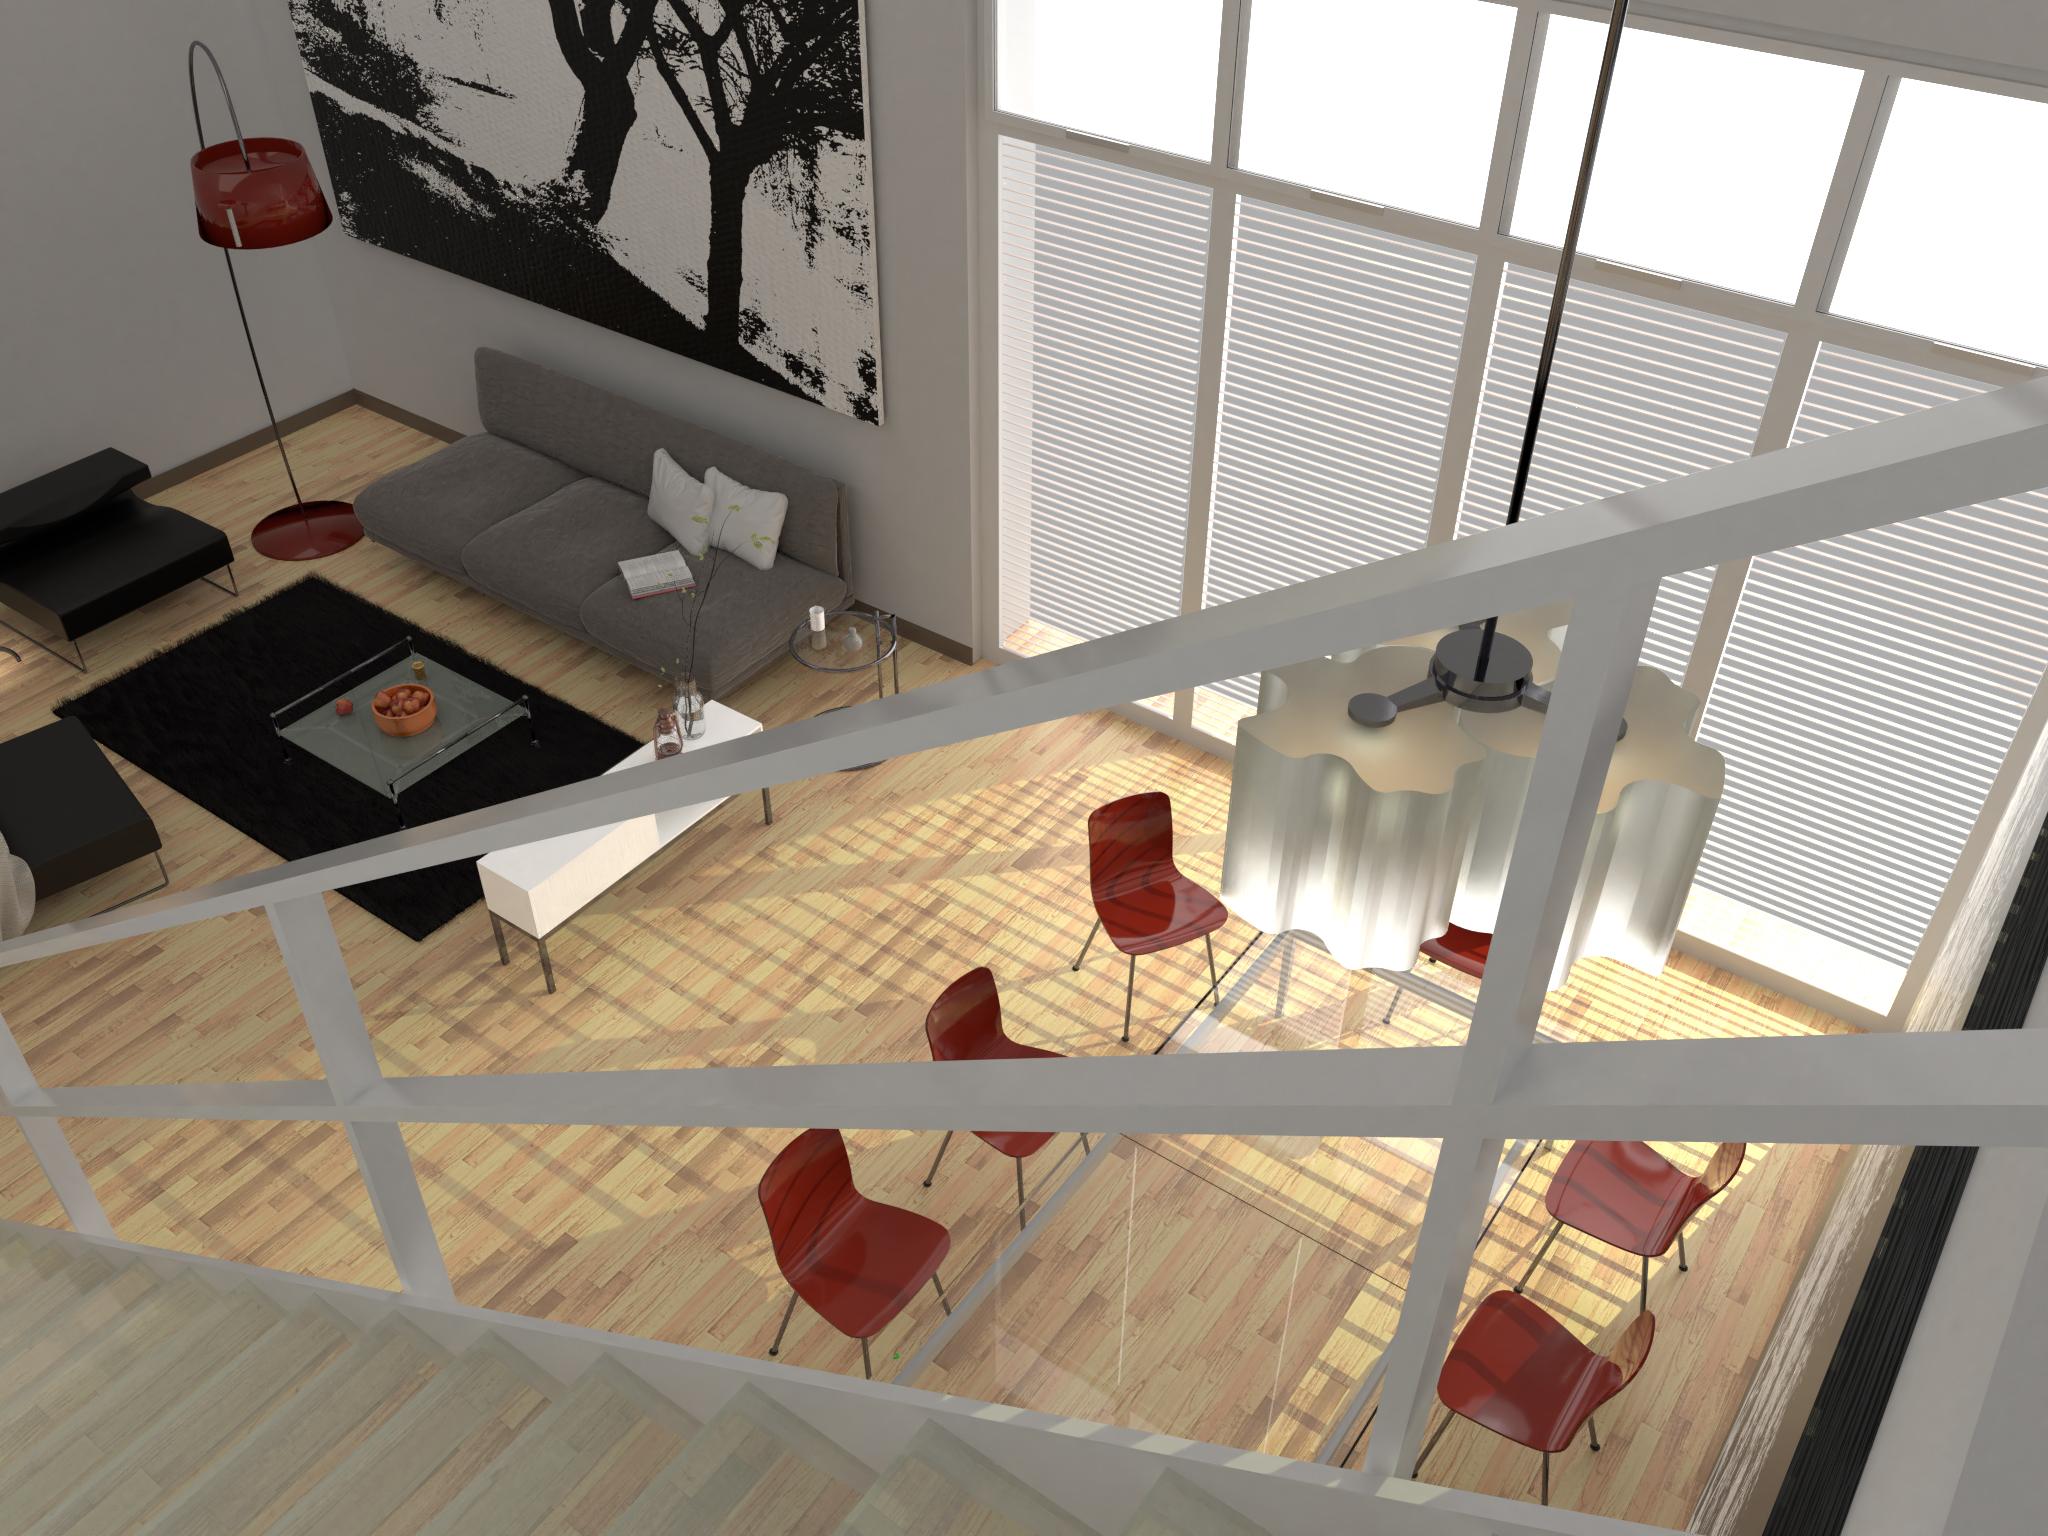 Maisonettewohnung - Blick von der Treppe